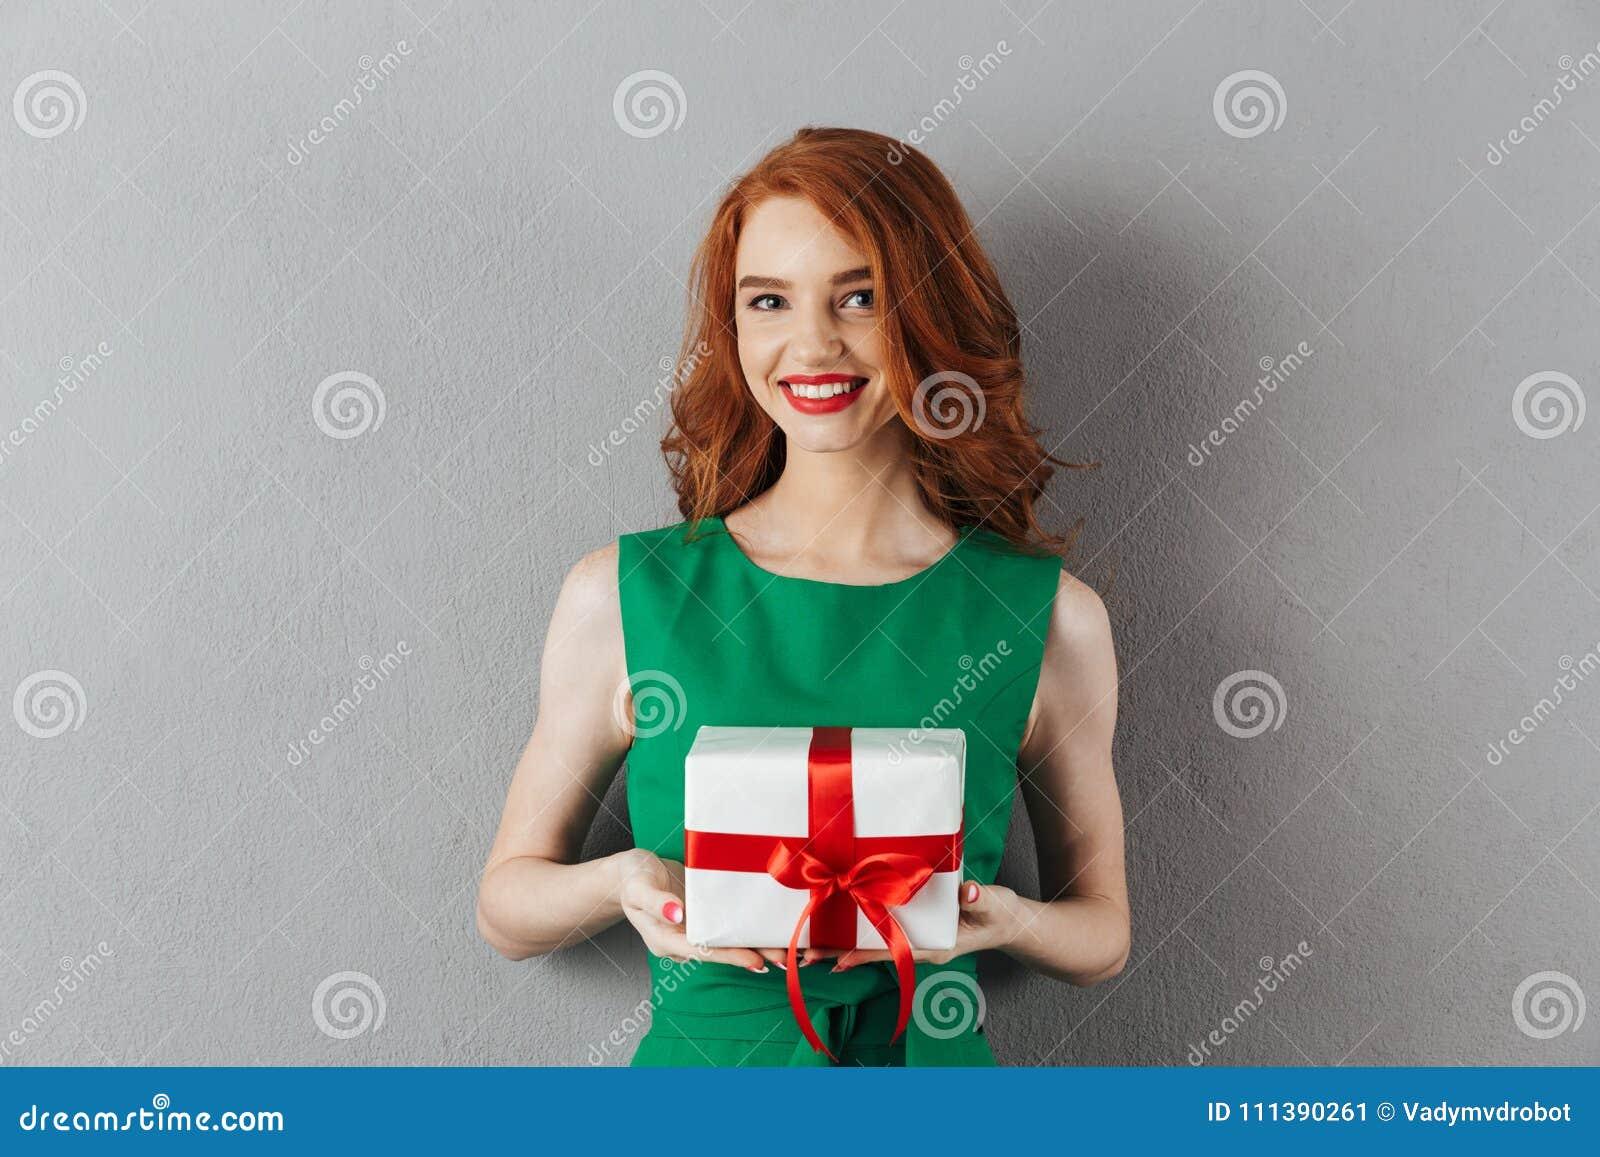 快乐的拿着礼物的绿色礼服的红头发人少妇